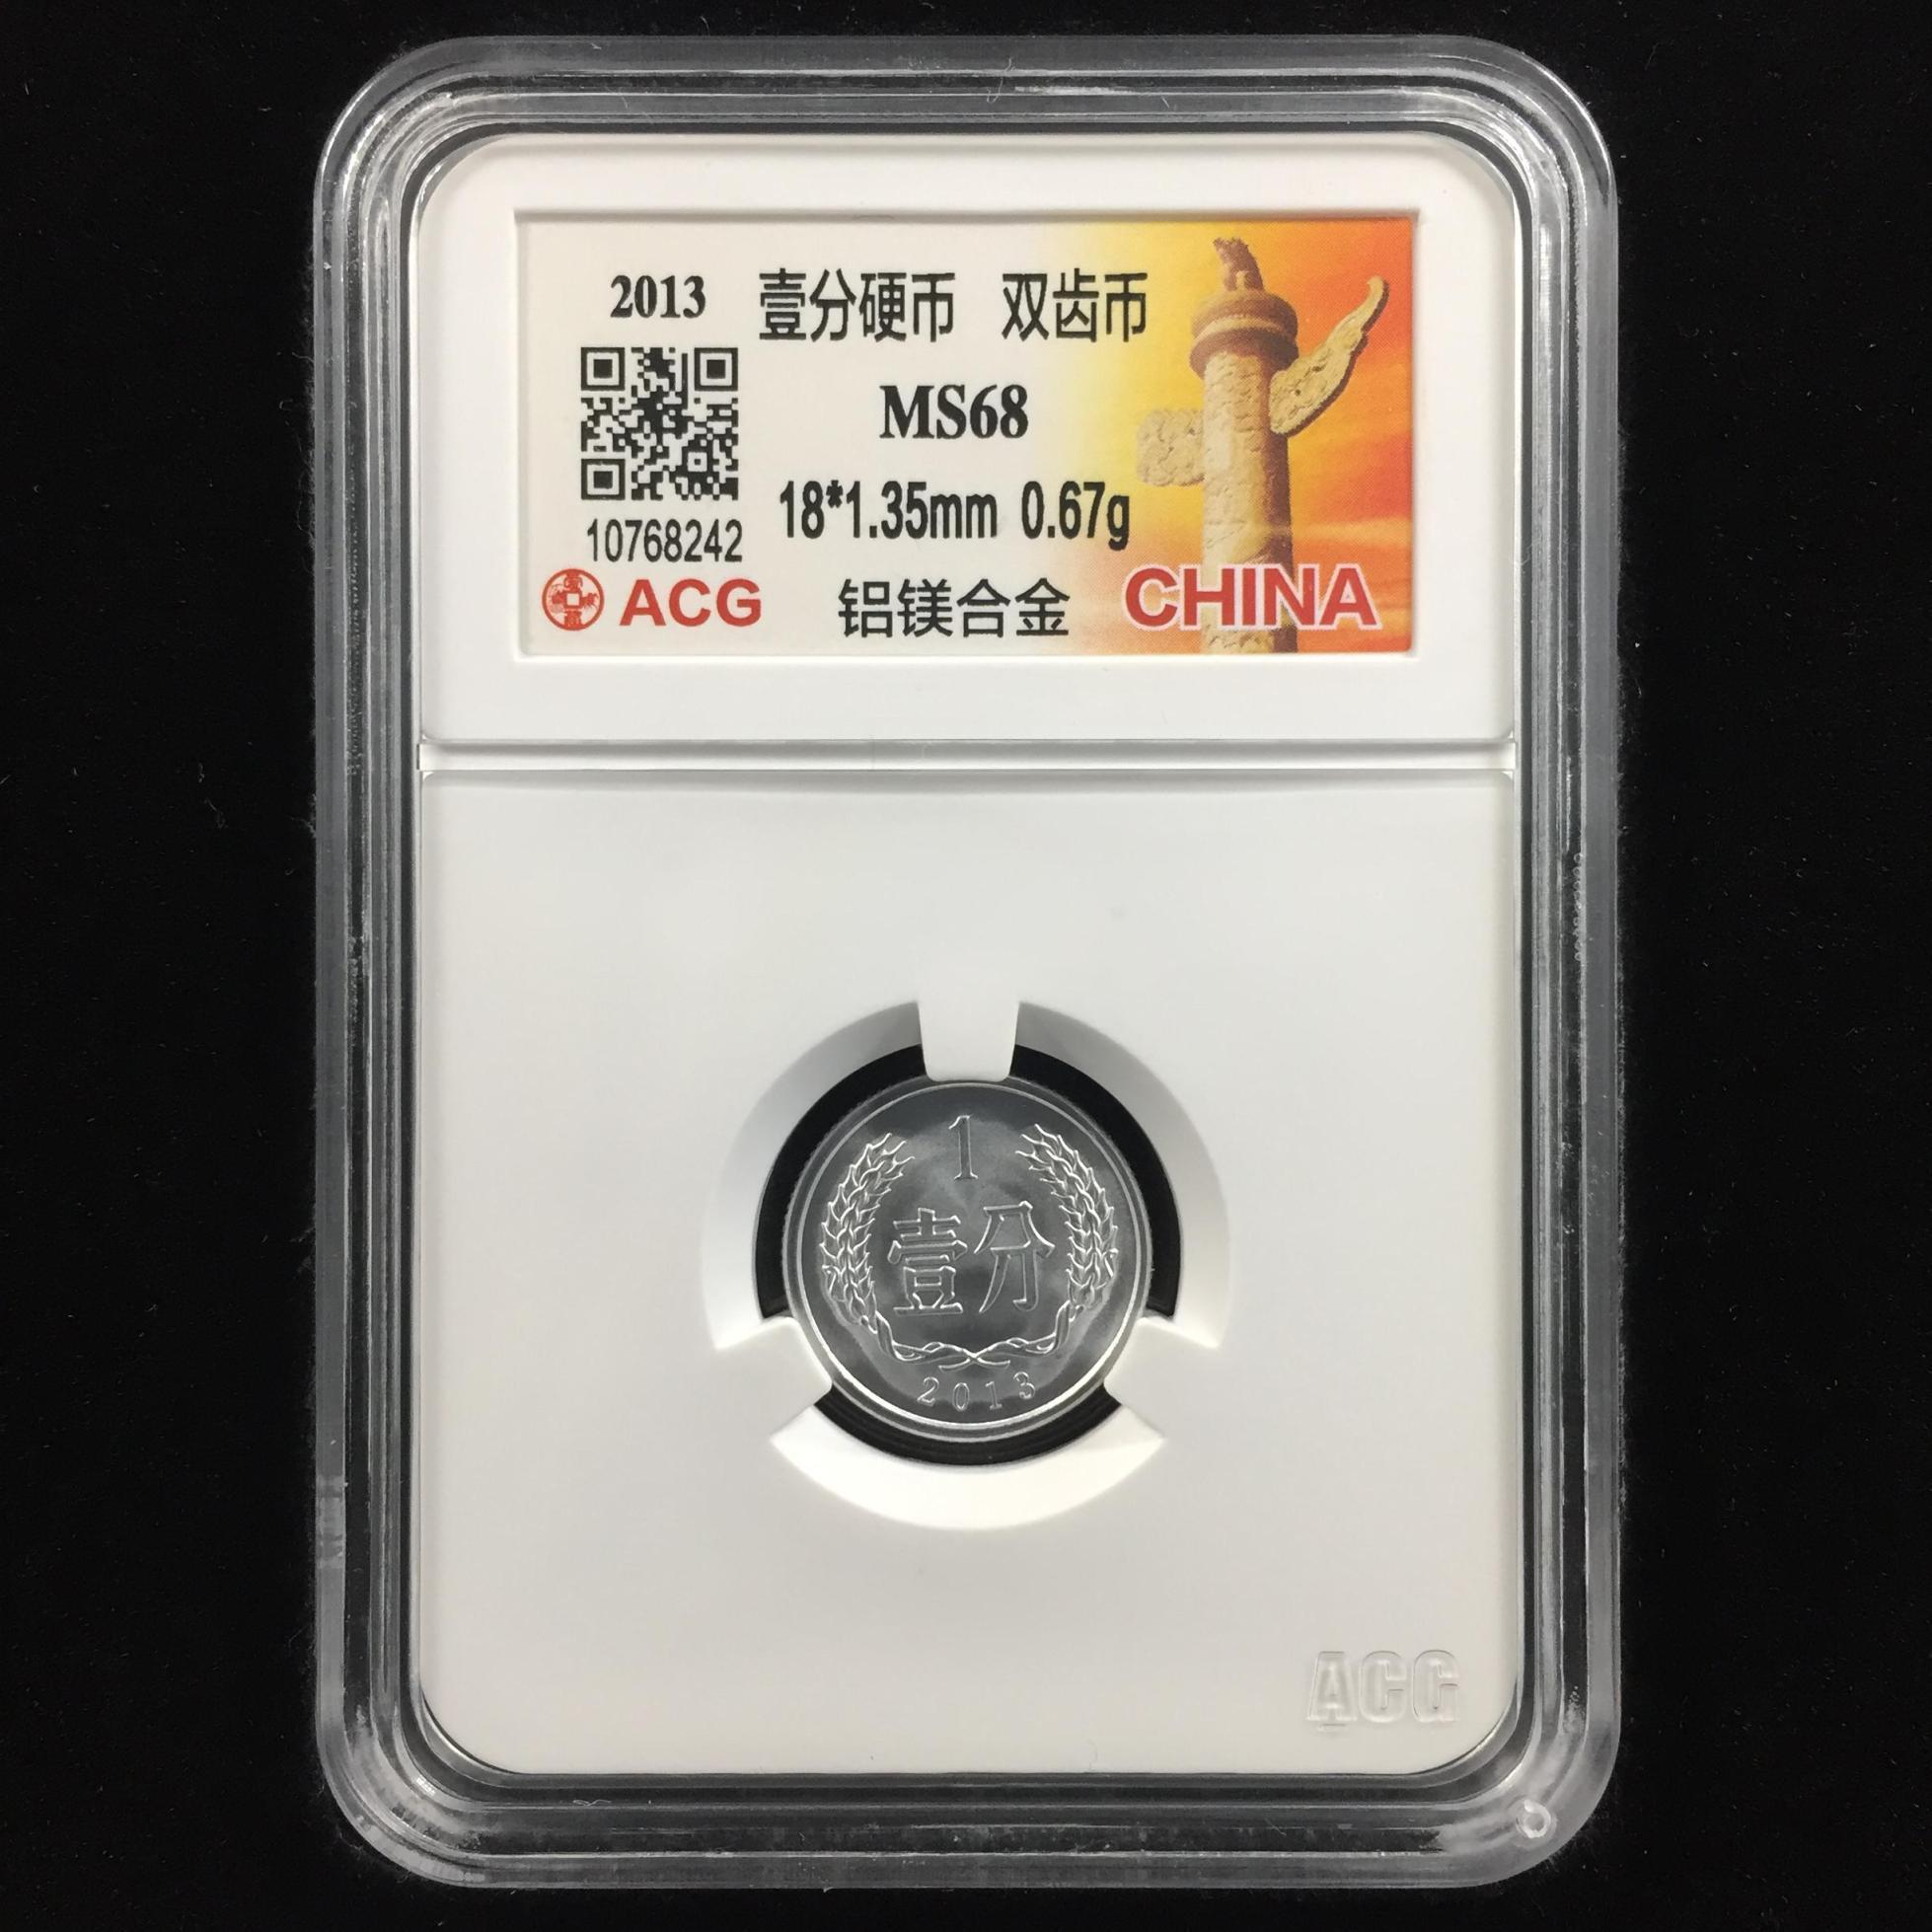 双齿币→2013年1分硬币→ACG鉴定证书-10768242